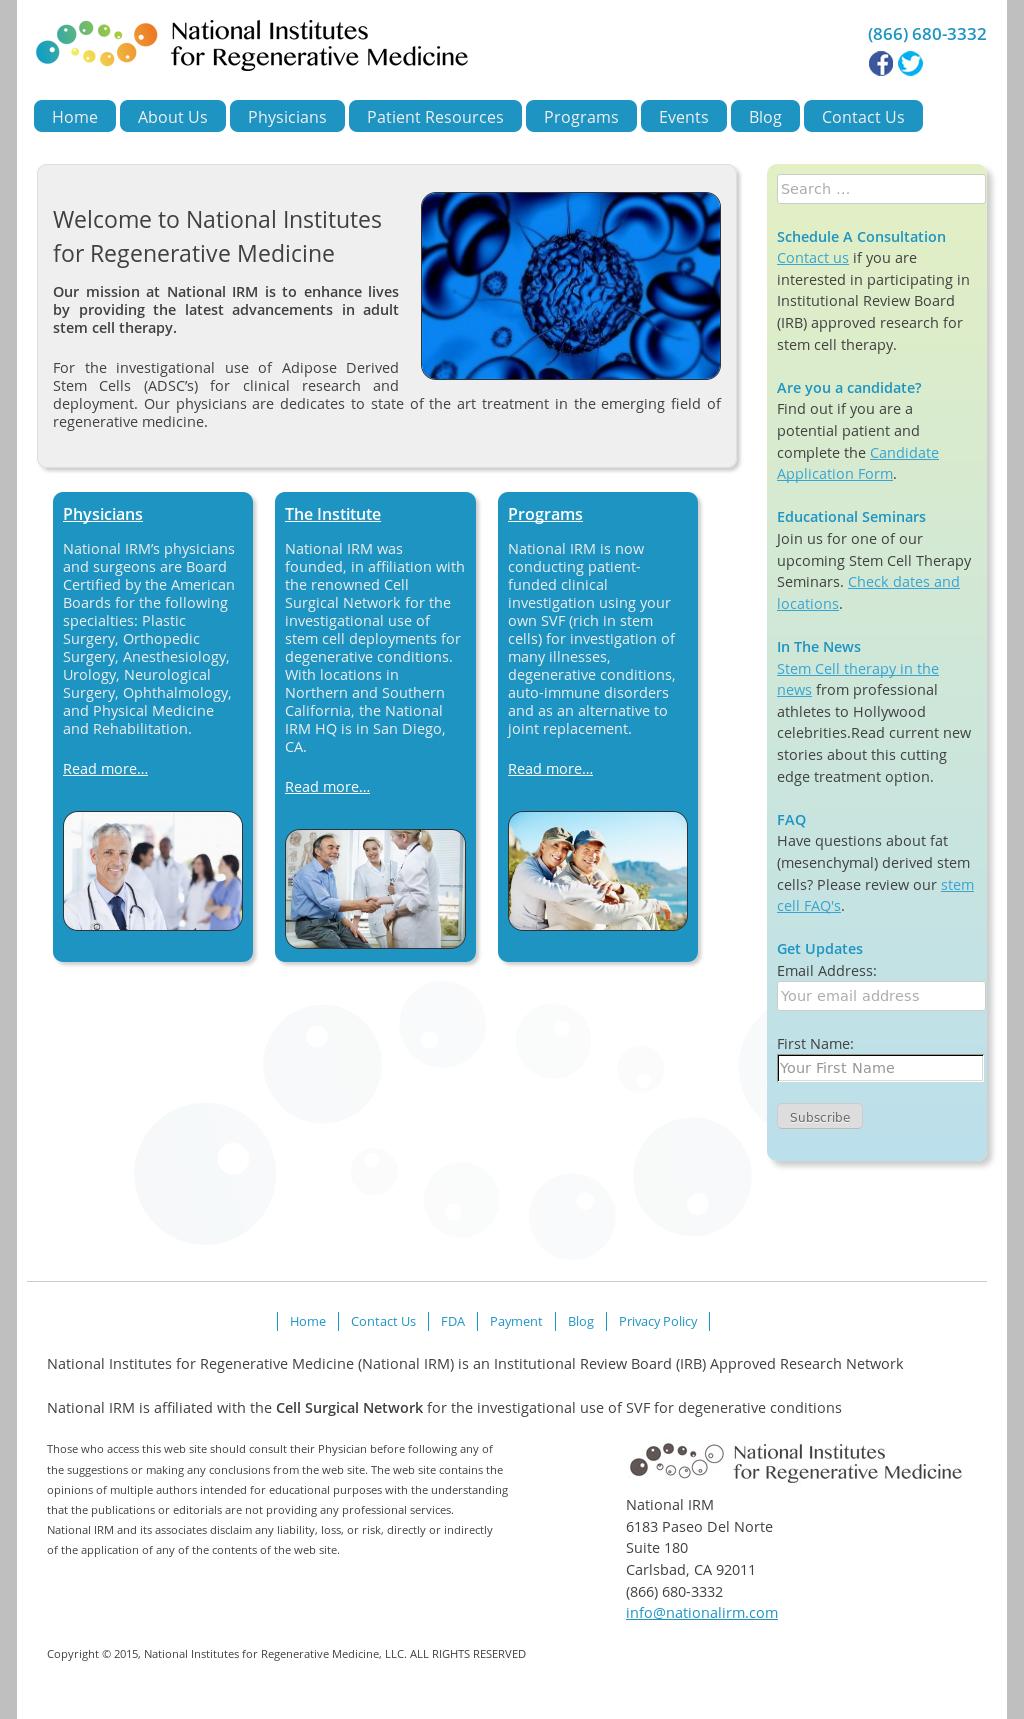 National Institutes For Regenerative Medicine Competitors, Revenue